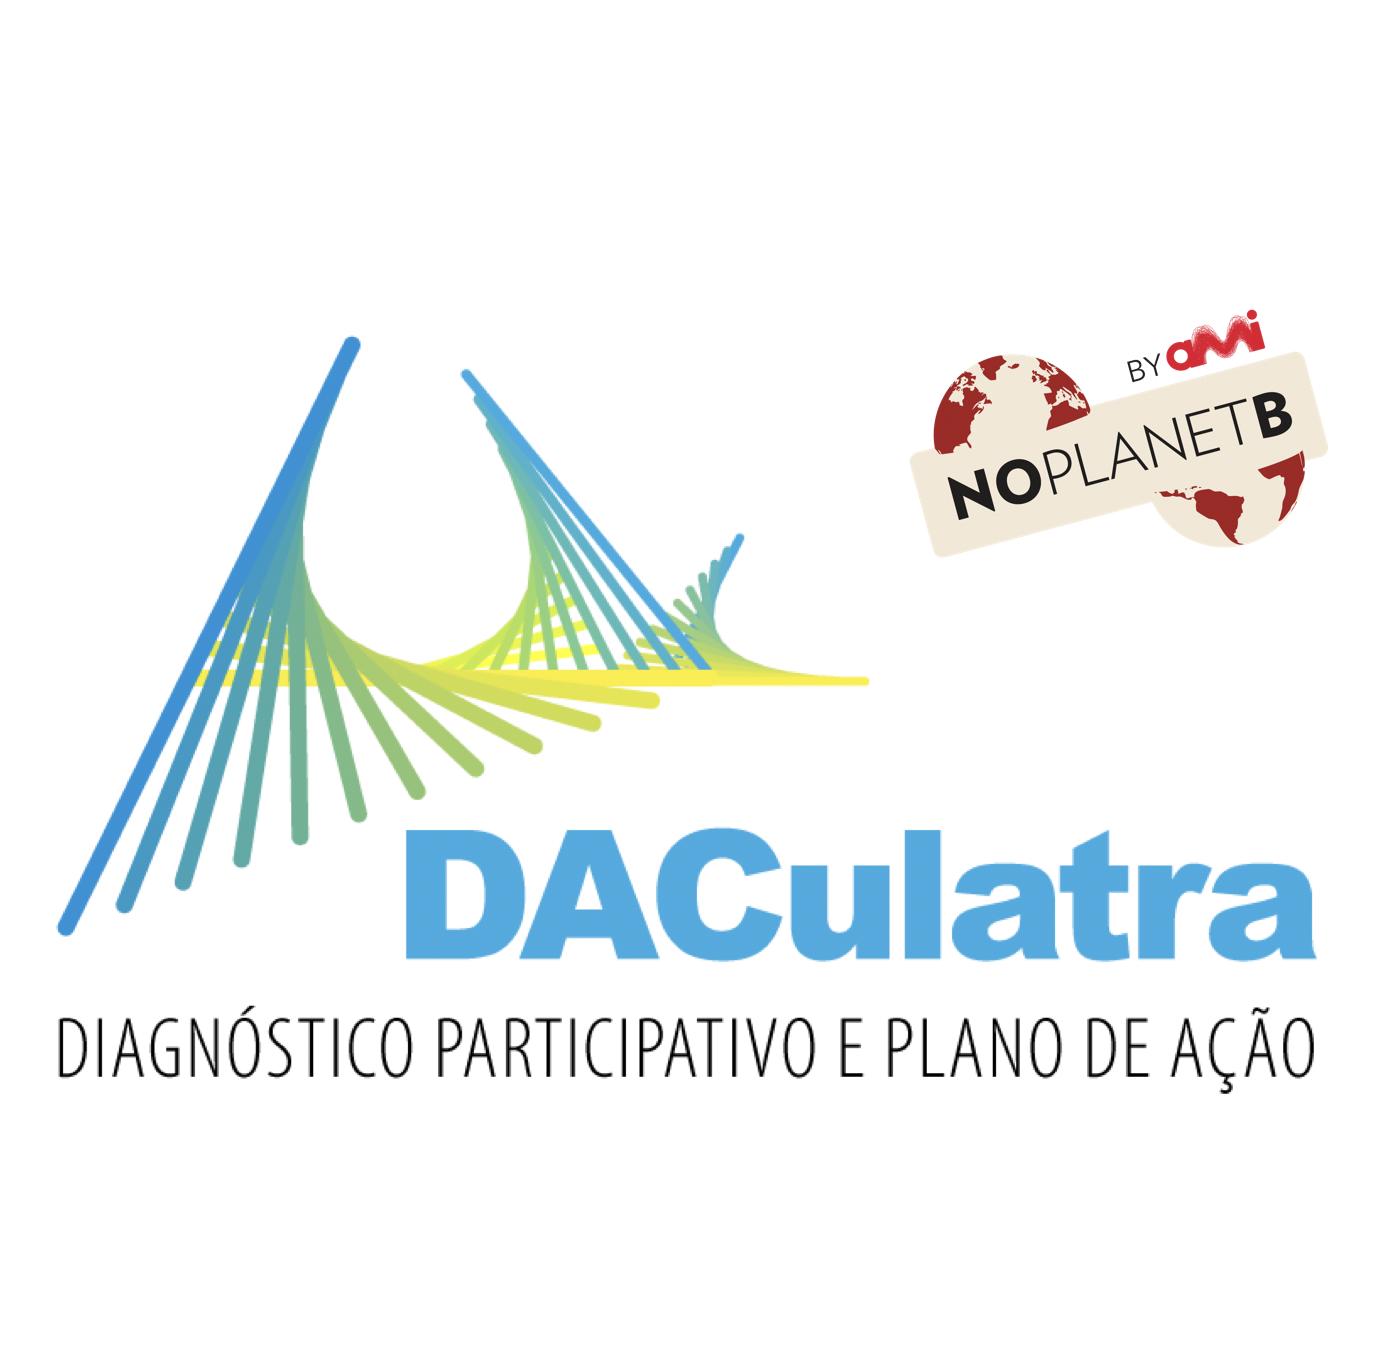 DaCulatra